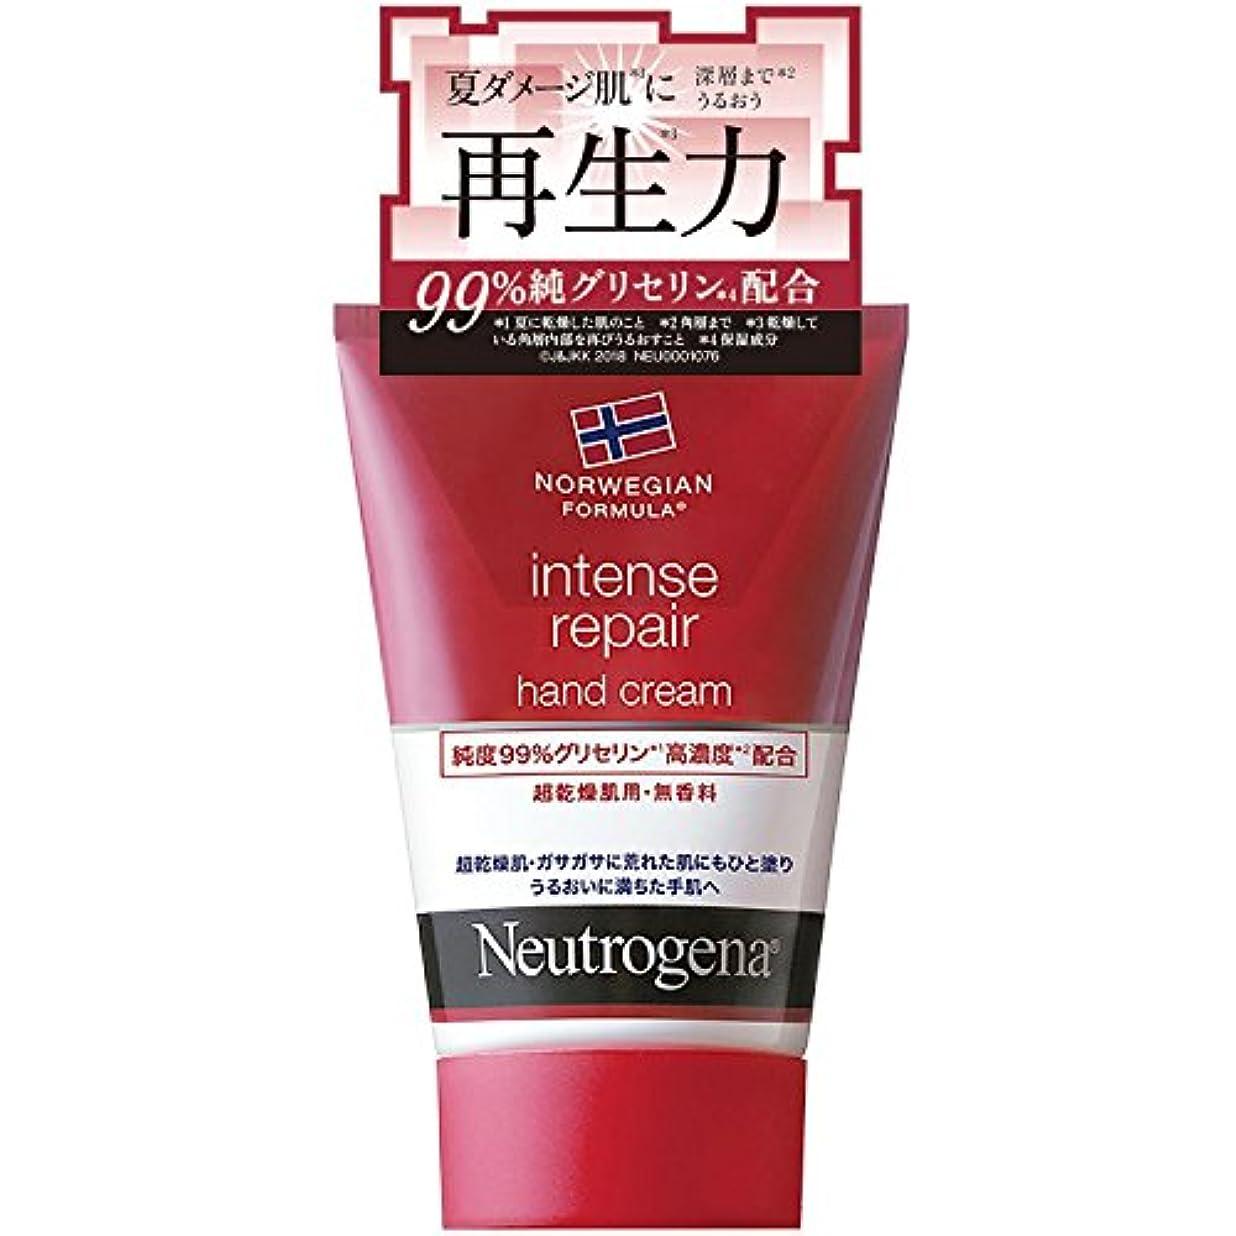 バース特性わずらわしいNeutrogena(ニュートロジーナ) ノルウェーフォーミュラ インテンスリペア ハンドクリーム 超乾燥肌用 無香料 単品 50g